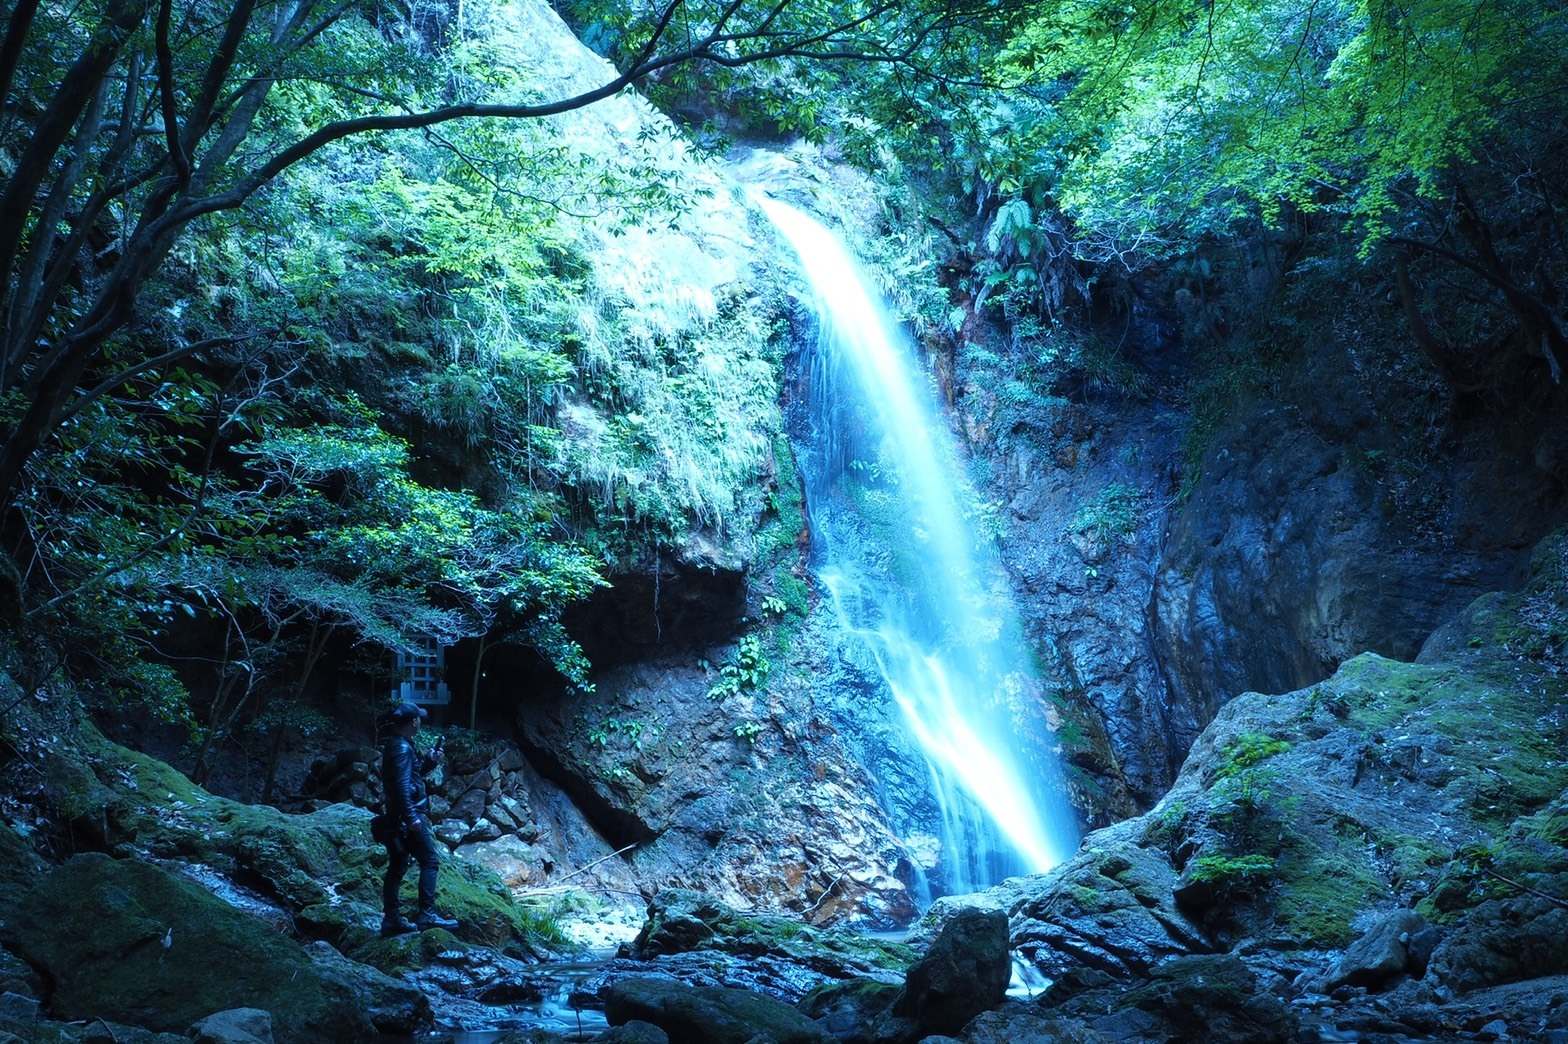 ぴーきち&ダイナ ハーレーブログ 大阪ツーリング 権現滝とぴーきち